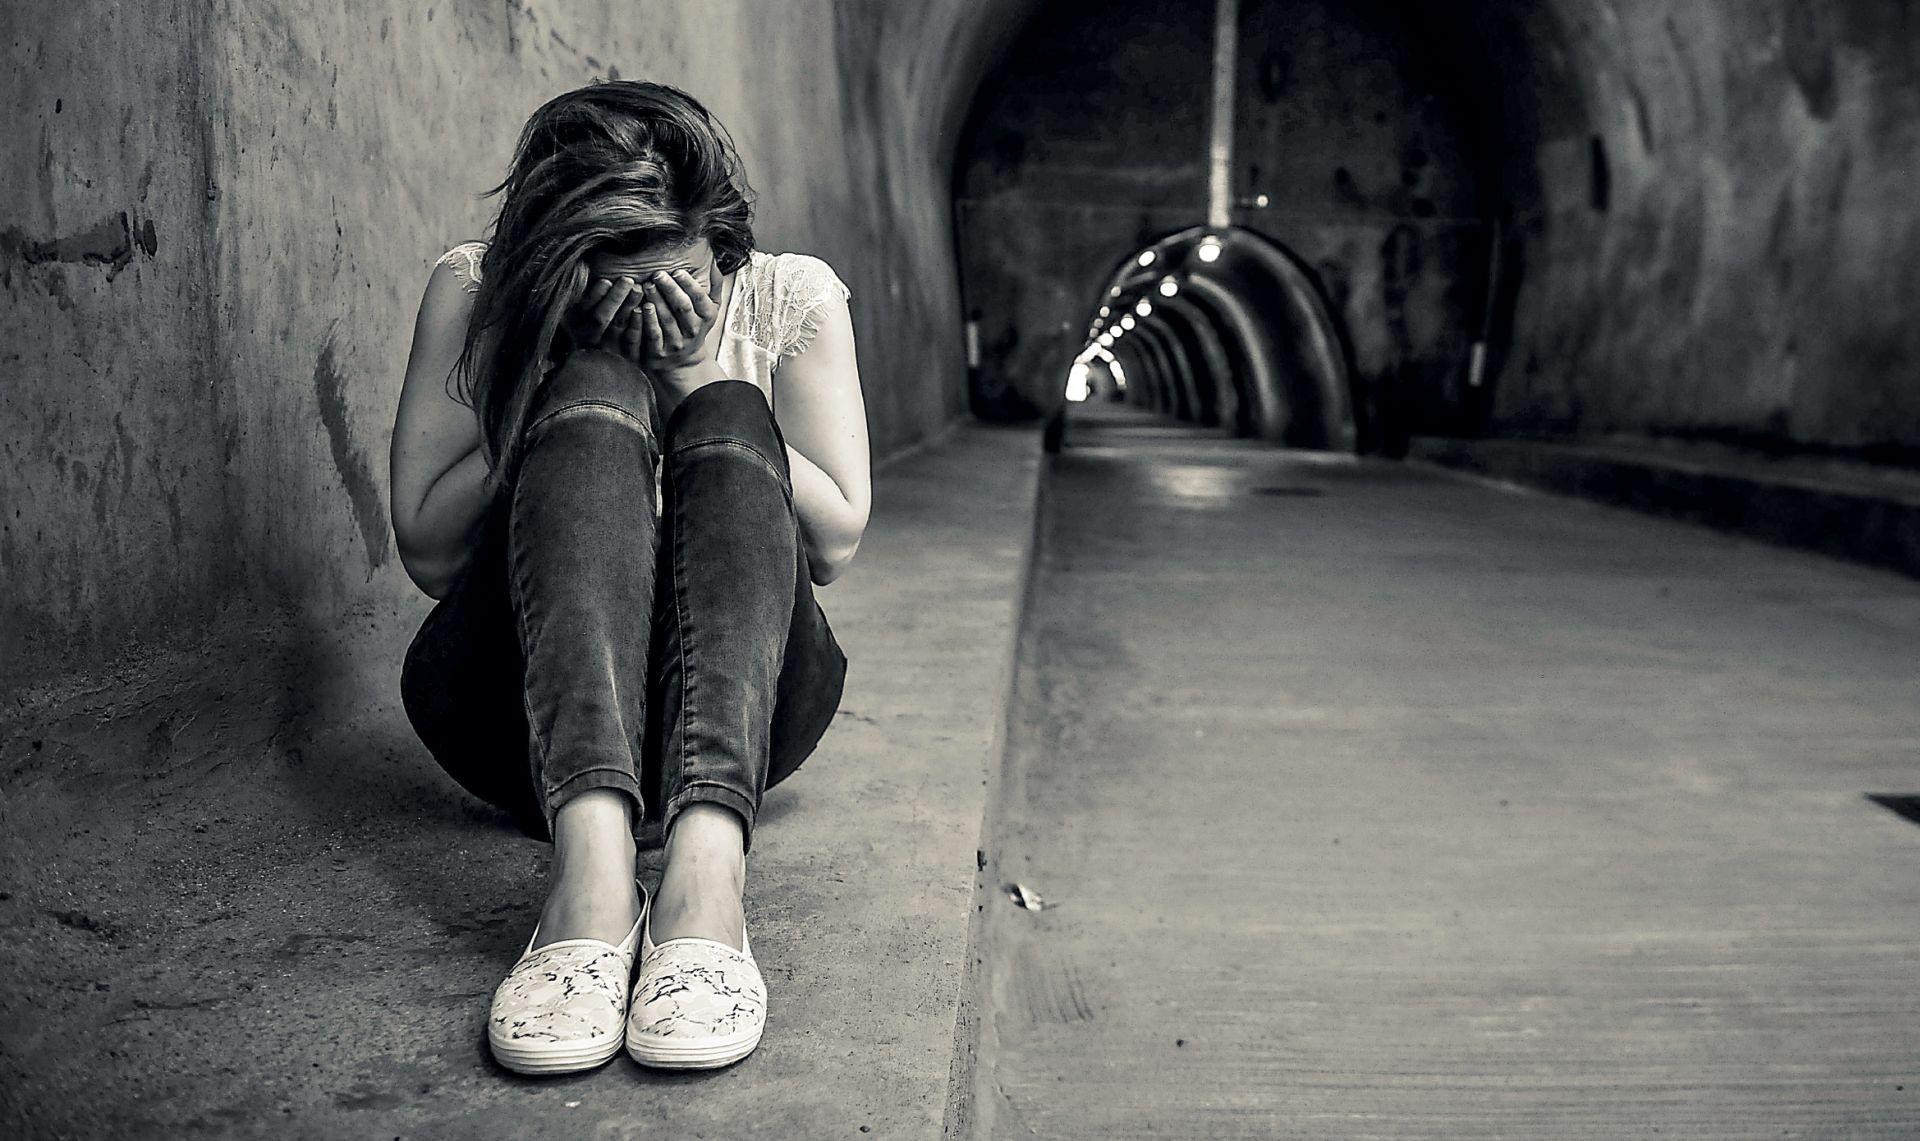 DOSSIER Psihijatrijska slika Hrvatske: mladež i djeca na rubu sloma